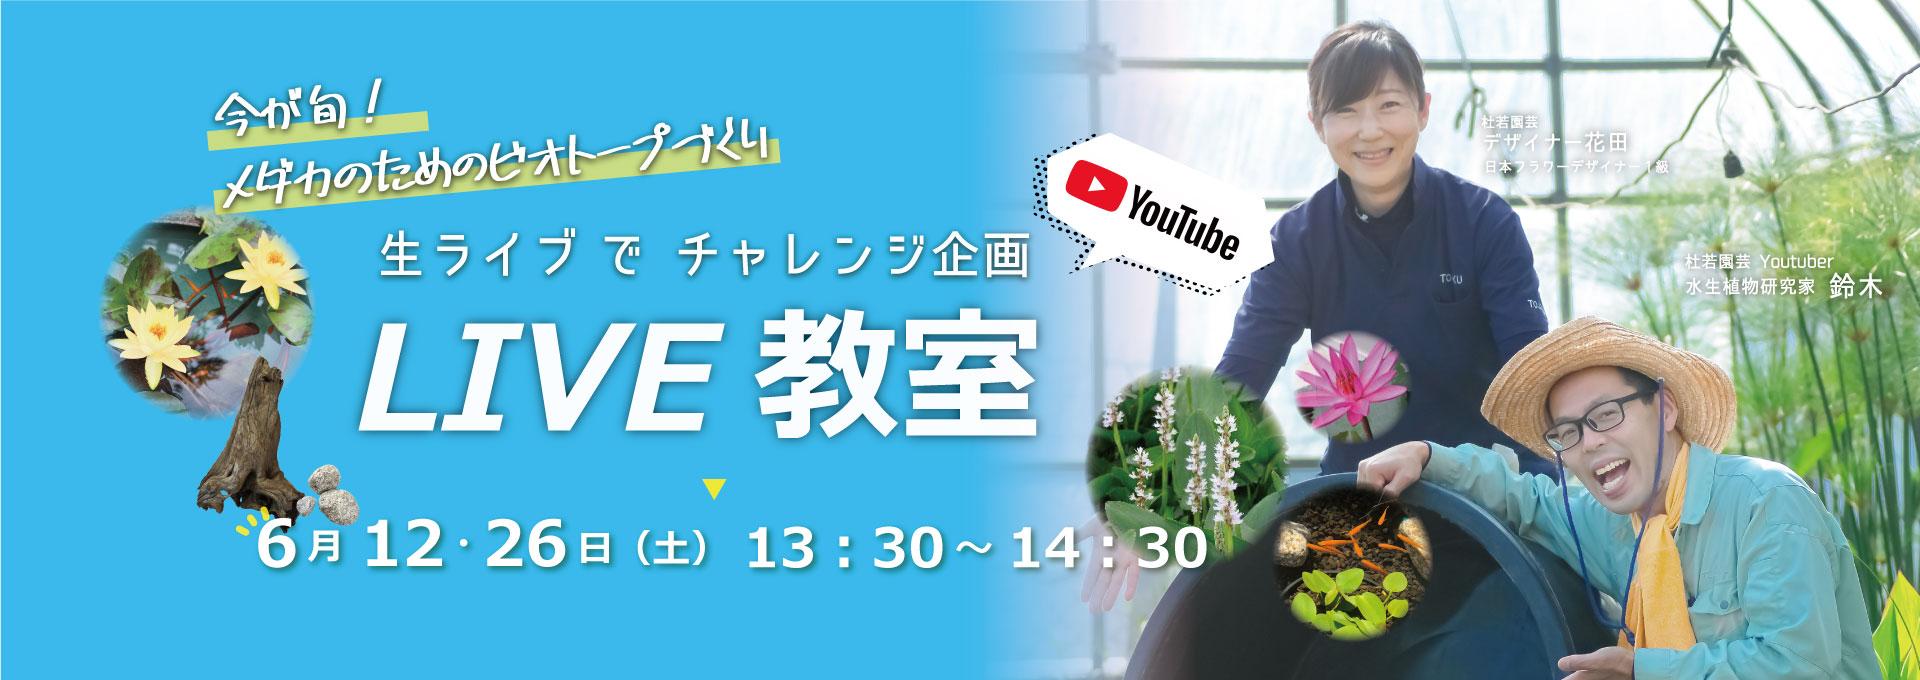 main_live0612_26_pc.jpg